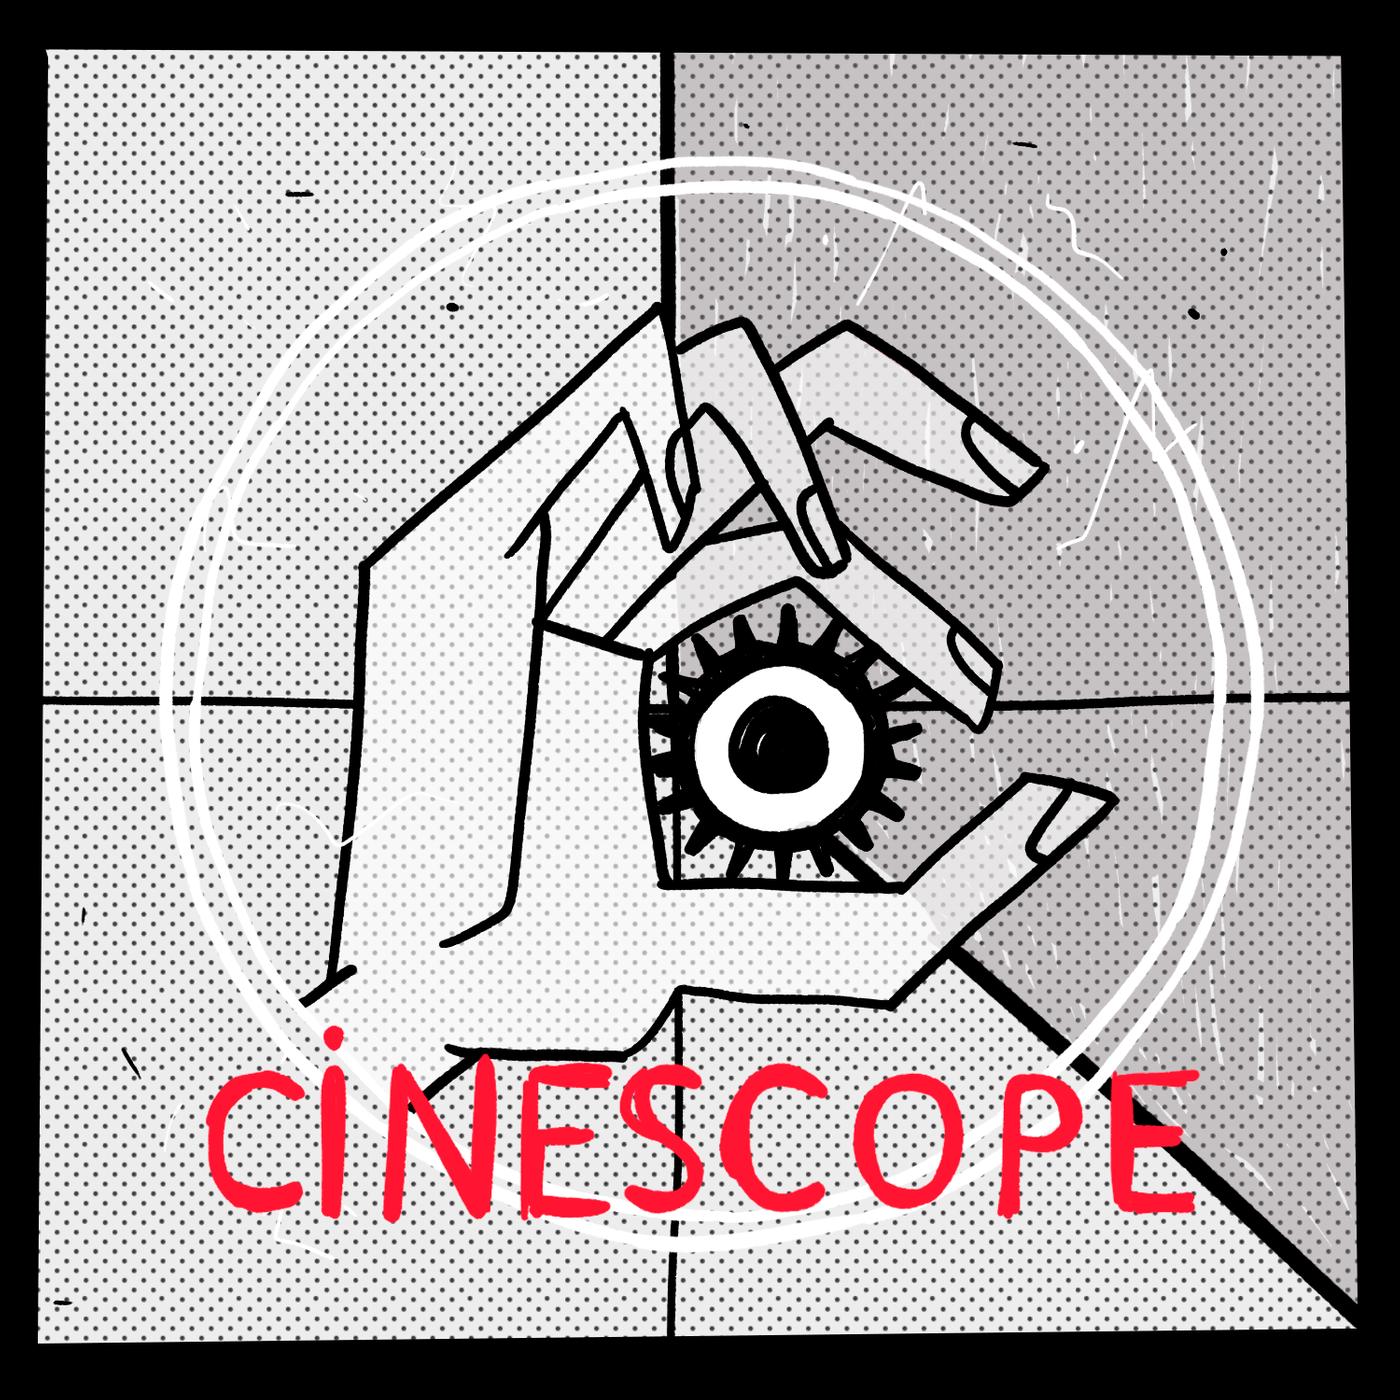 #0 Փոդքասթ Cine.box-ի մասին